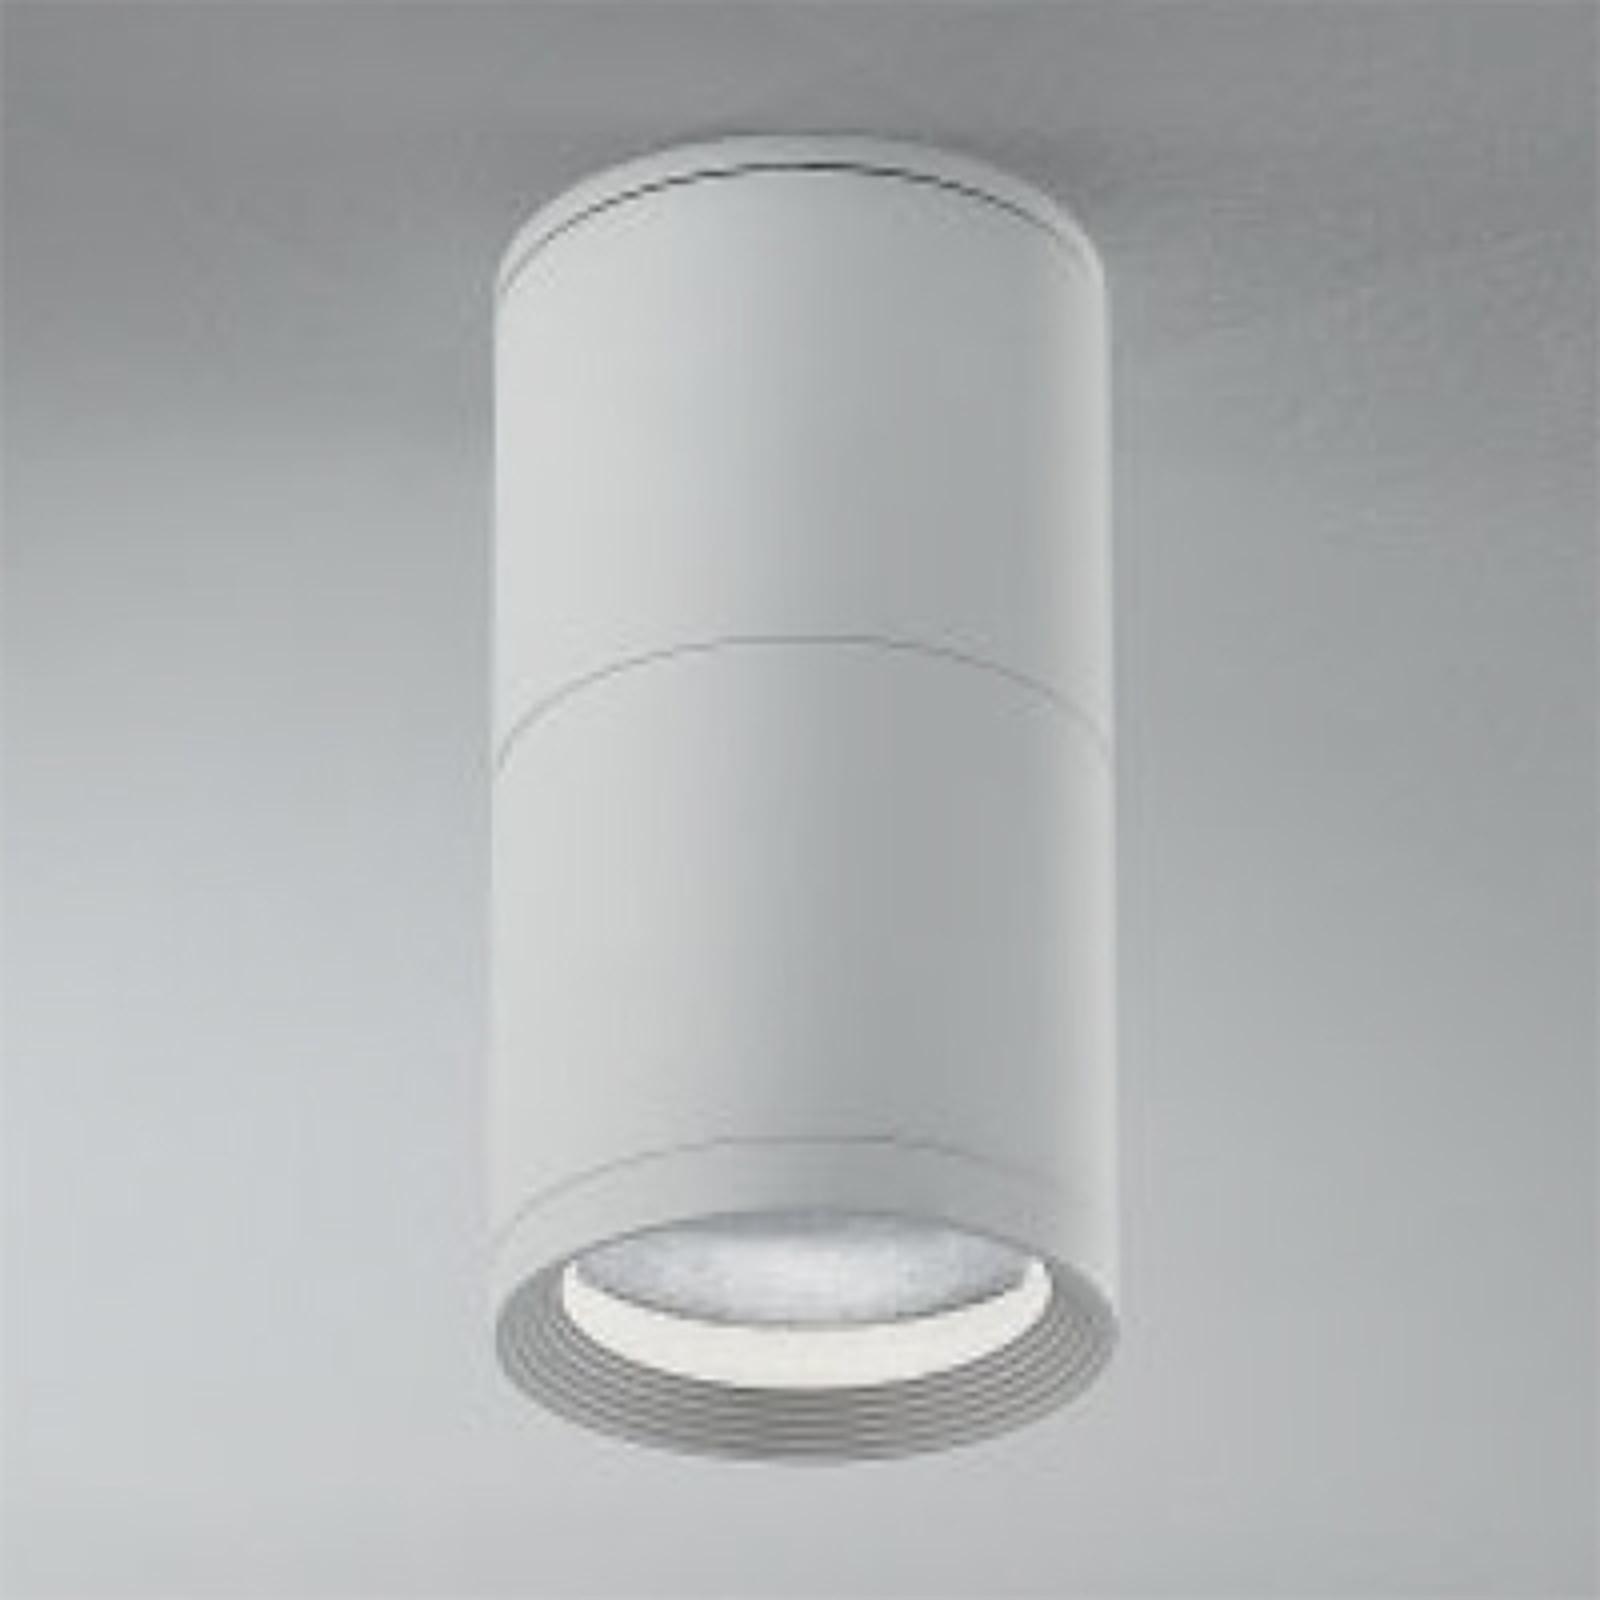 Moderne loftspot CL 15 hvid